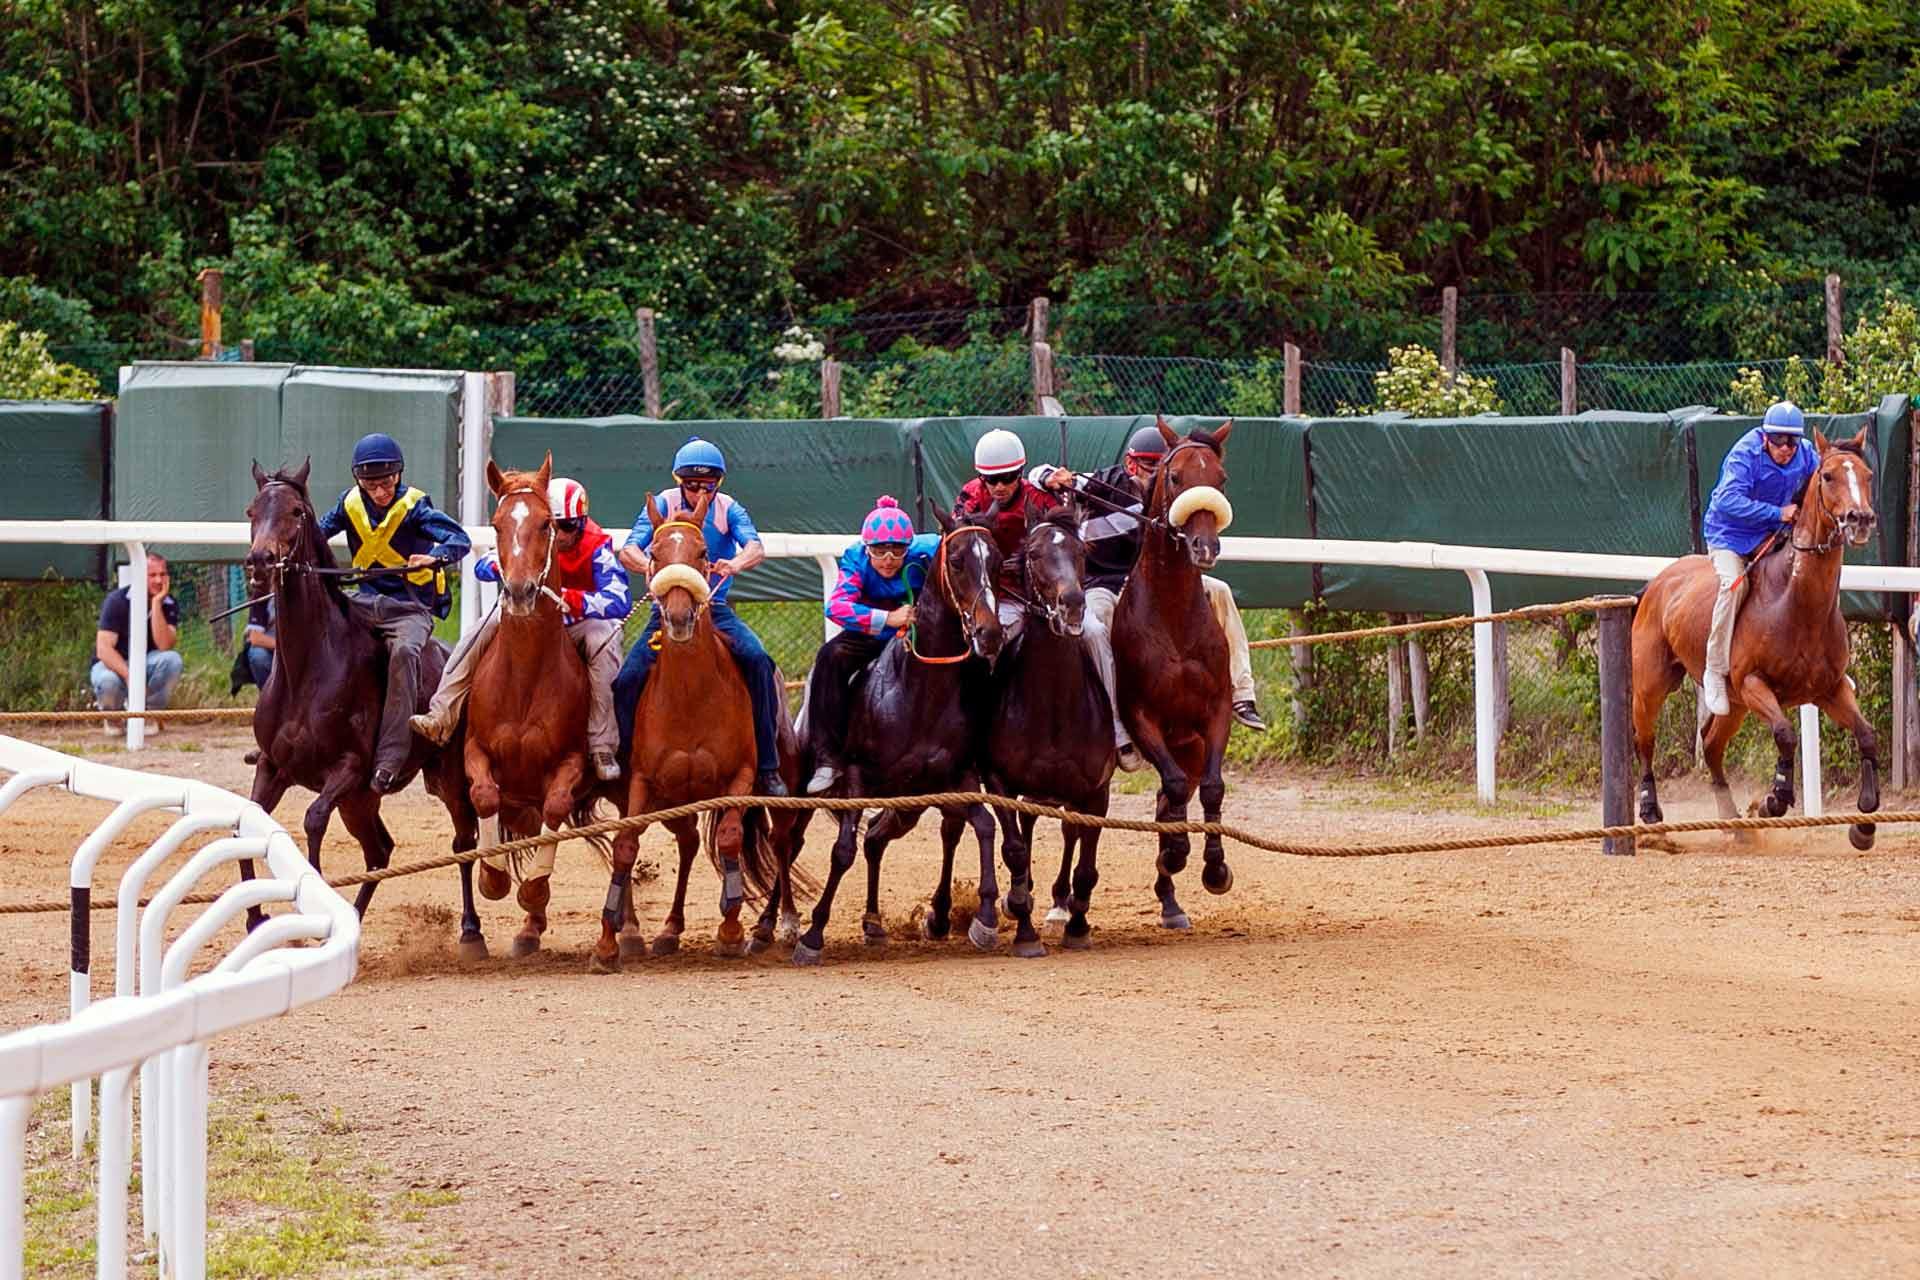 CORSE PROVA D'ADDESTRAMENTO - Viene simulata la corsa che si svolgerà a Siena il giorno del Palio. Si testa il comportamento dei cavalli tra i canapi, insieme agli altri cavalli, nelle fasi che precedono la partenza.